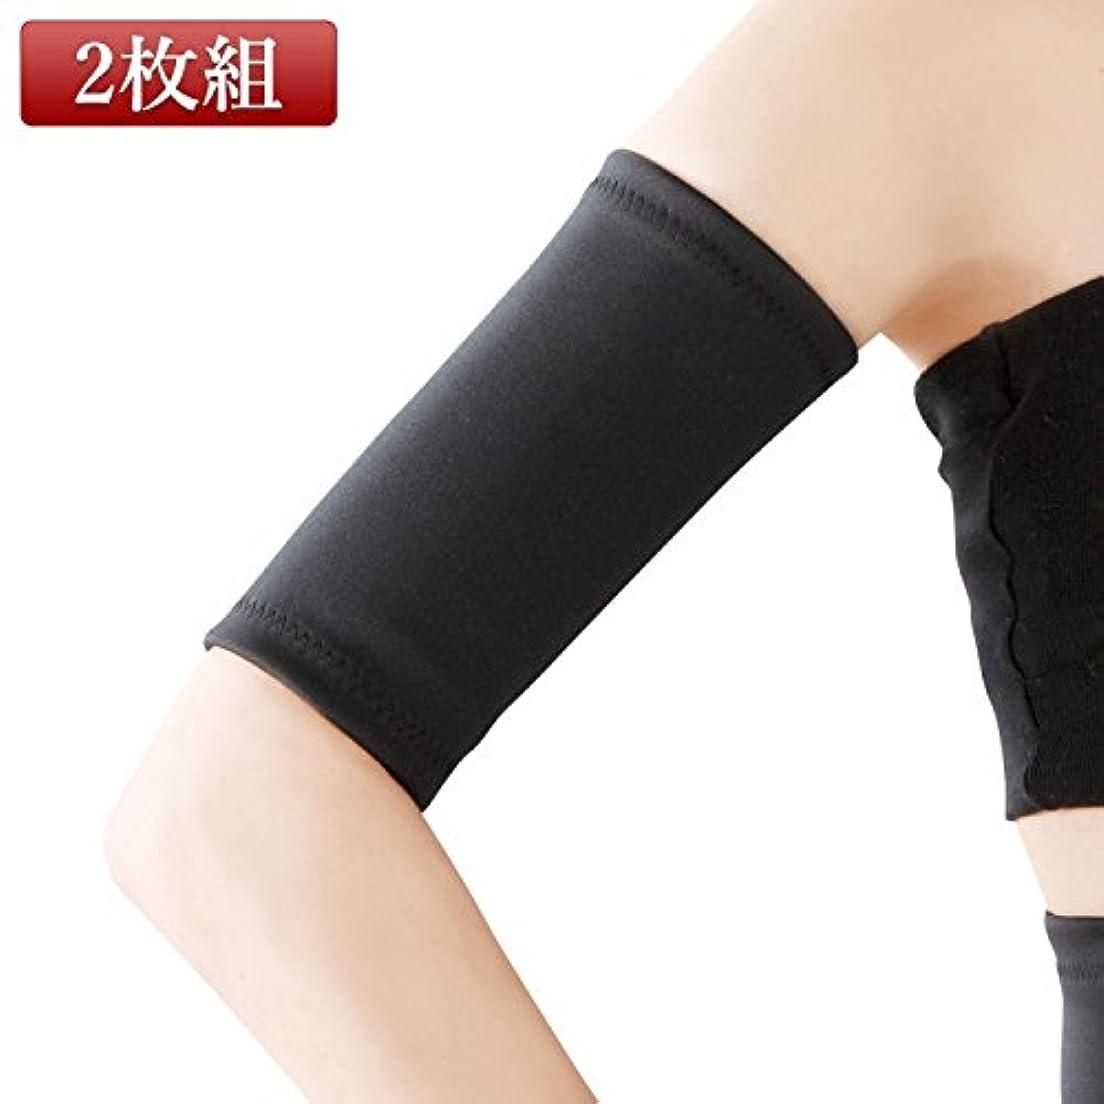 部分的に調整味付け発汗 サウナスーツ 二の腕用 ウォーキング発汗 二の腕シェイパー ブラック 2枚組(L)